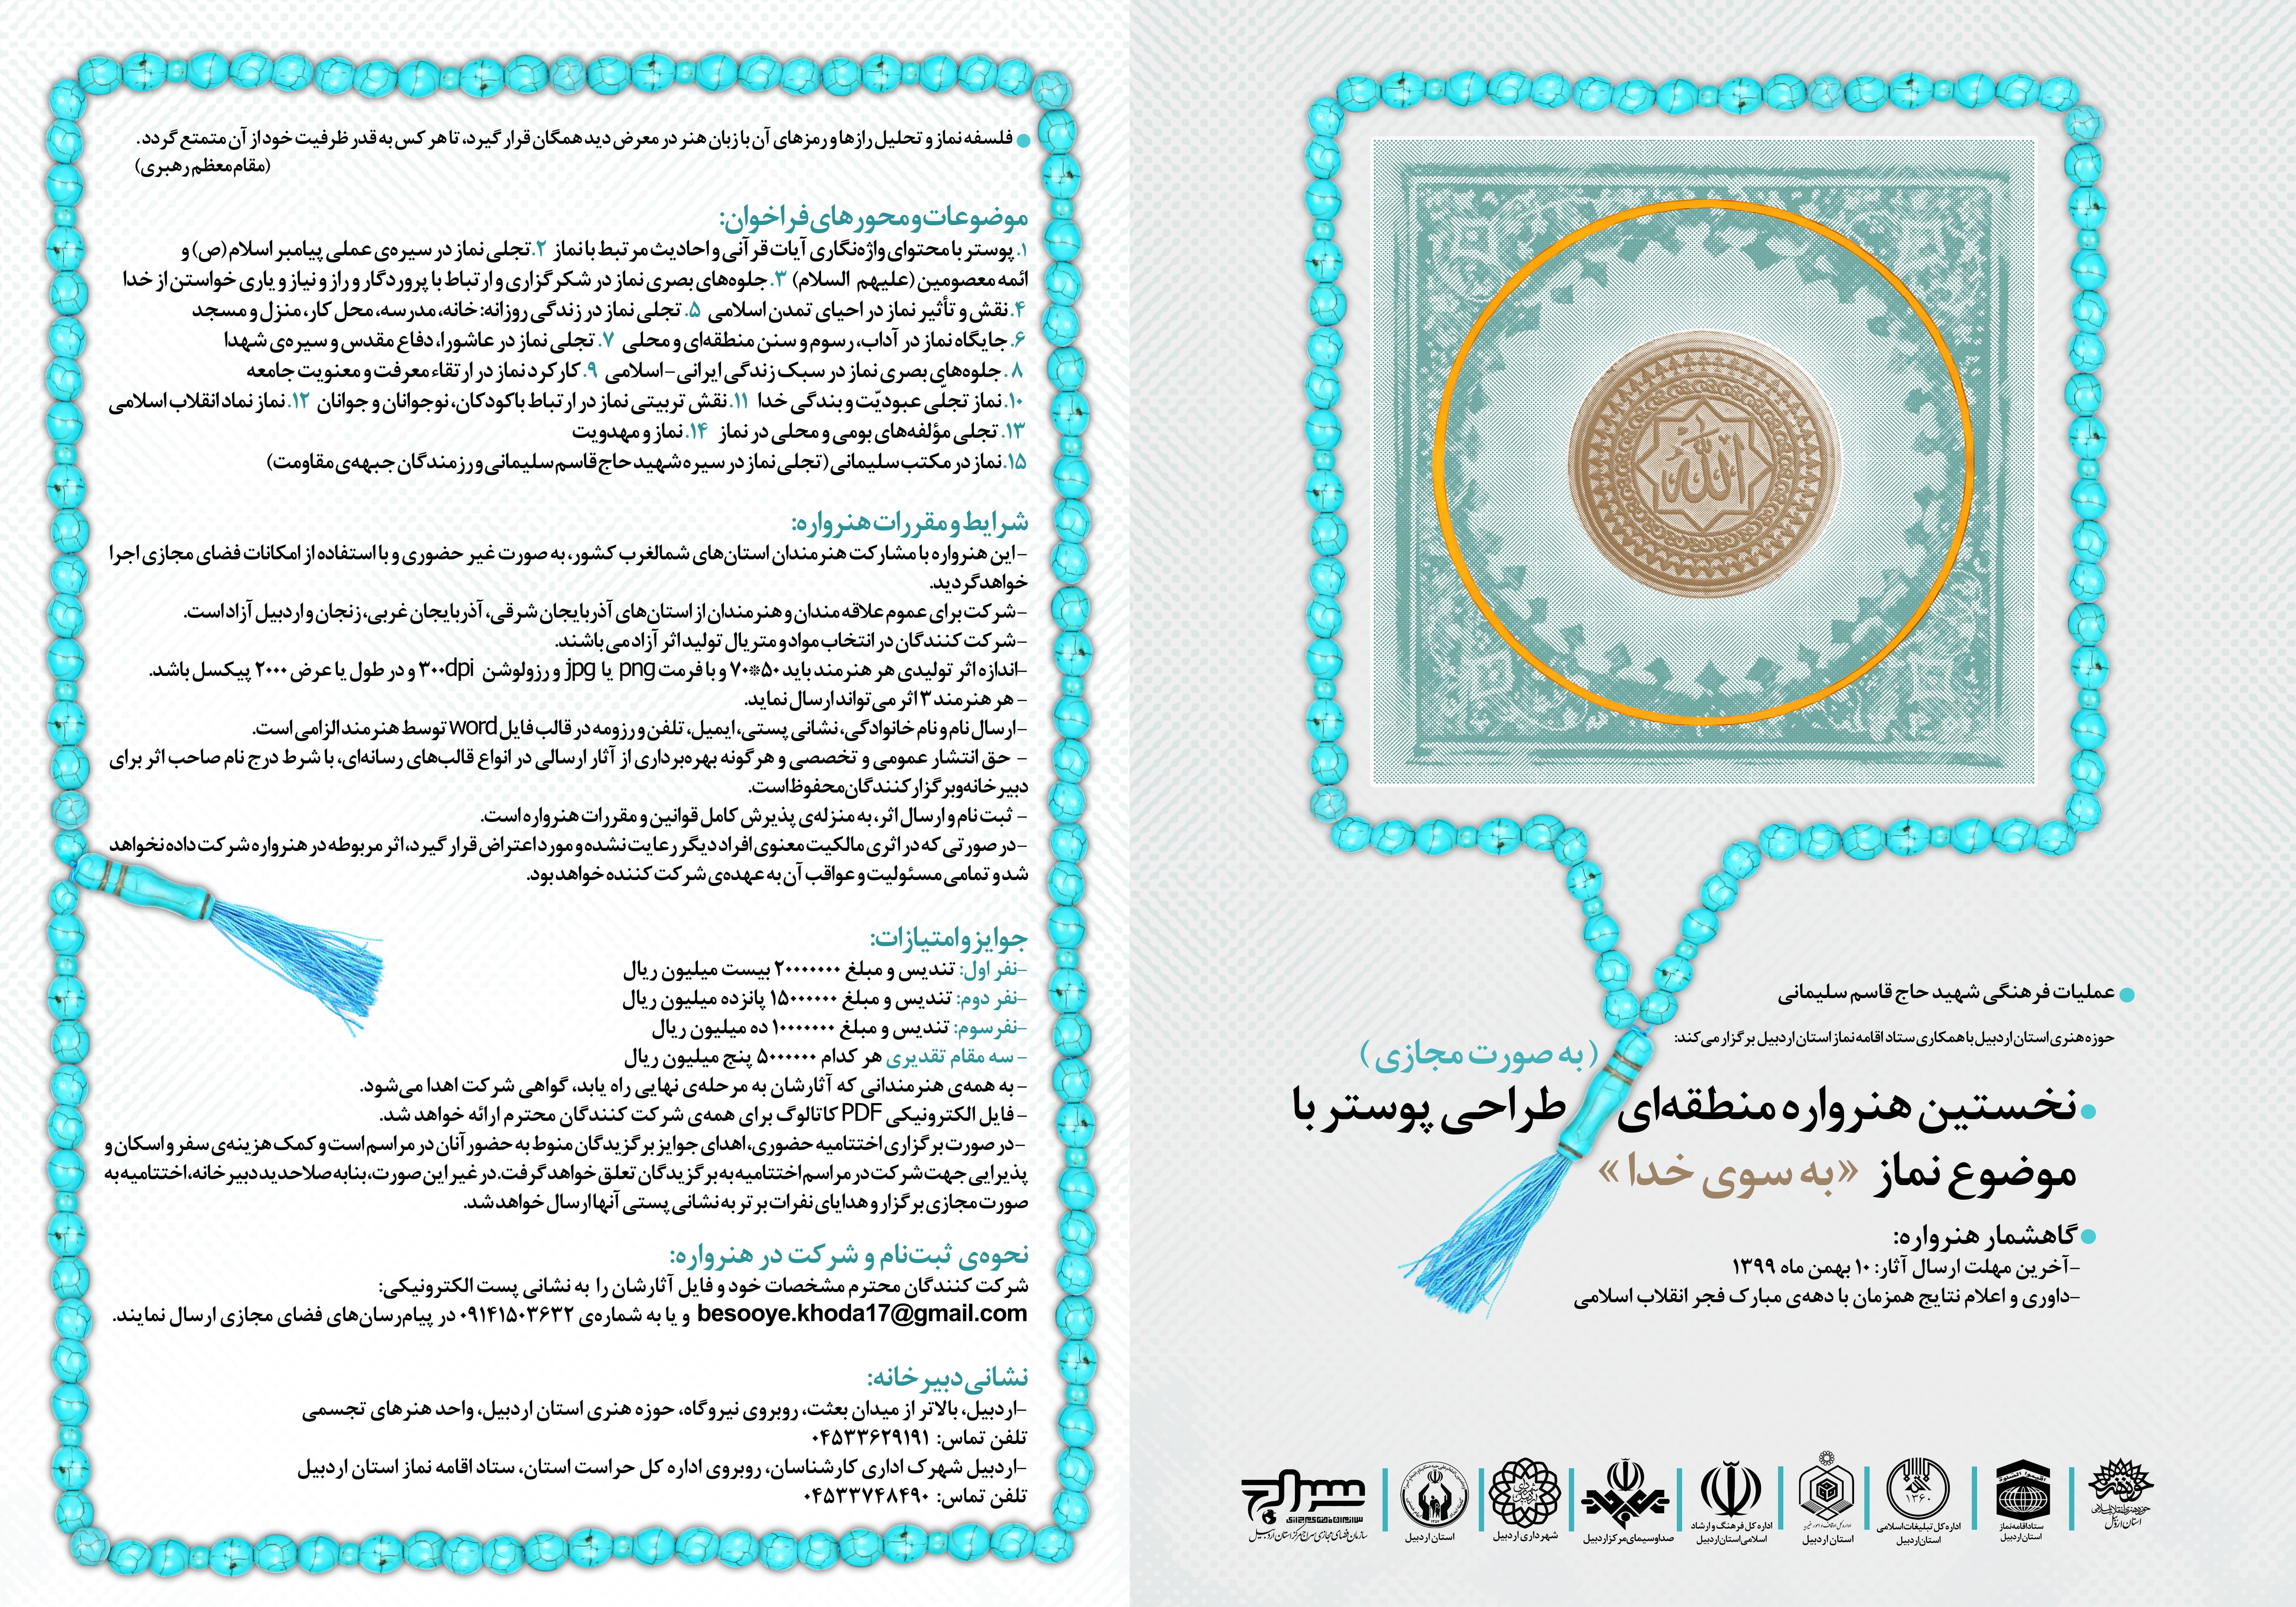 فراخوان عملیات فرهنگی شهید حاج قاسم سلیمانی